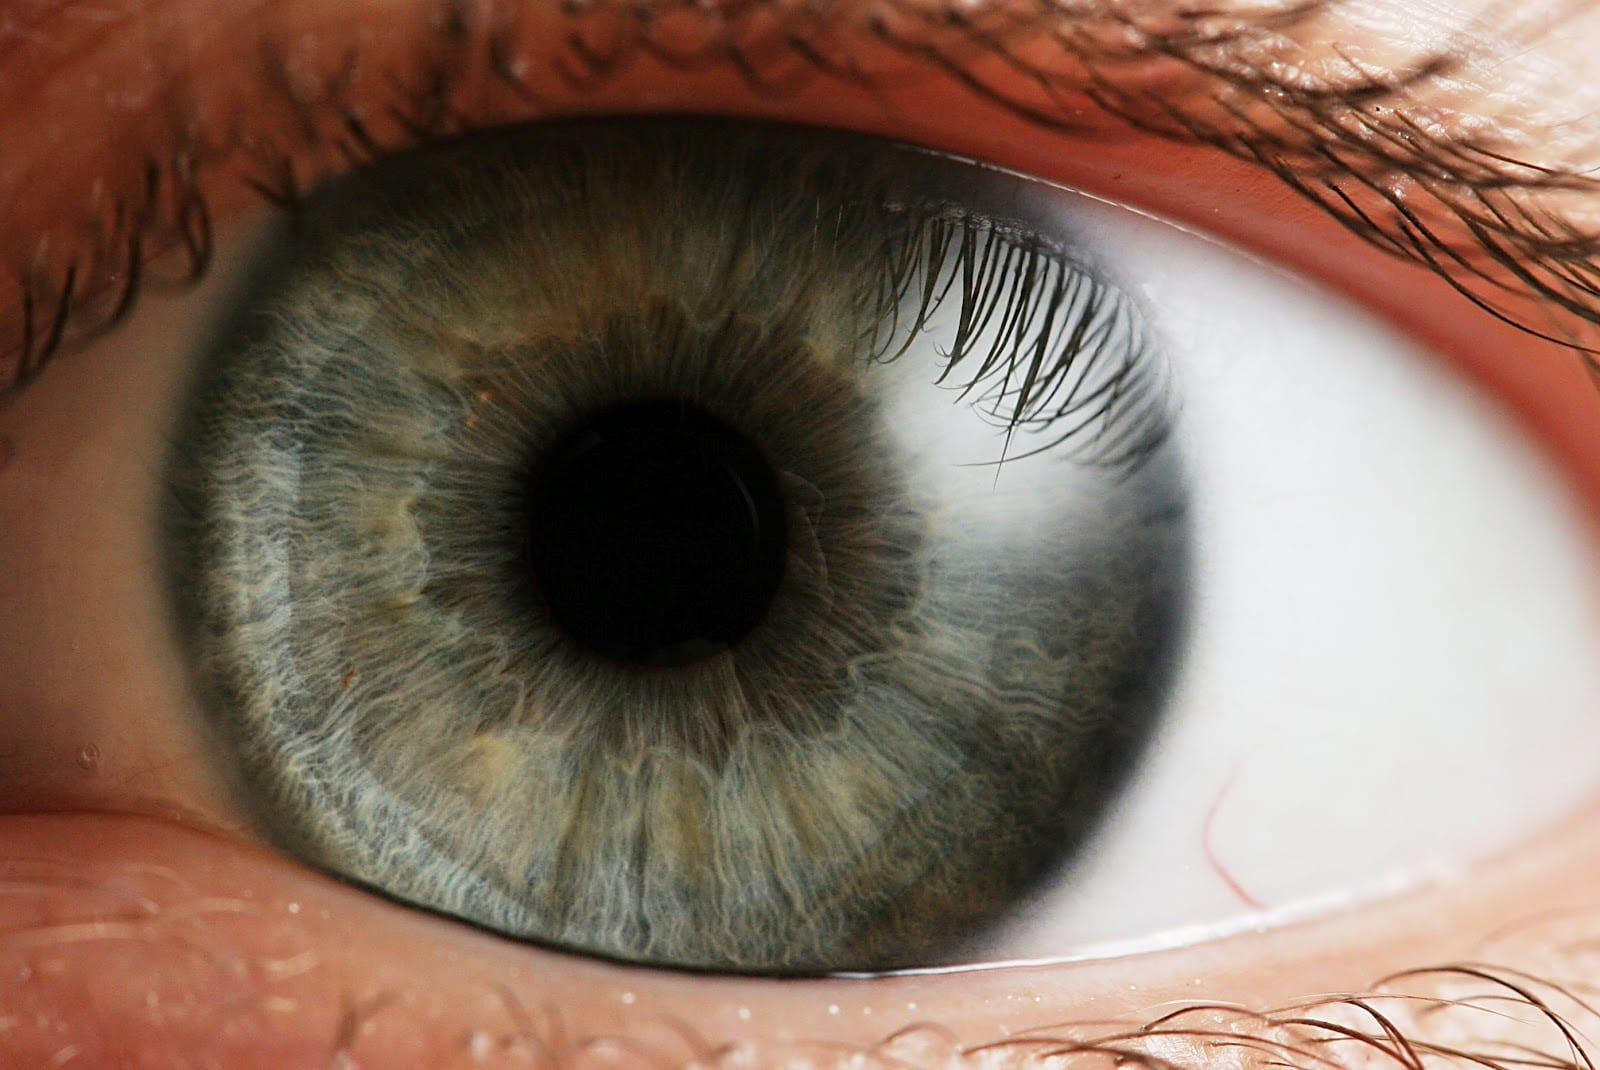 Eye Diabetes